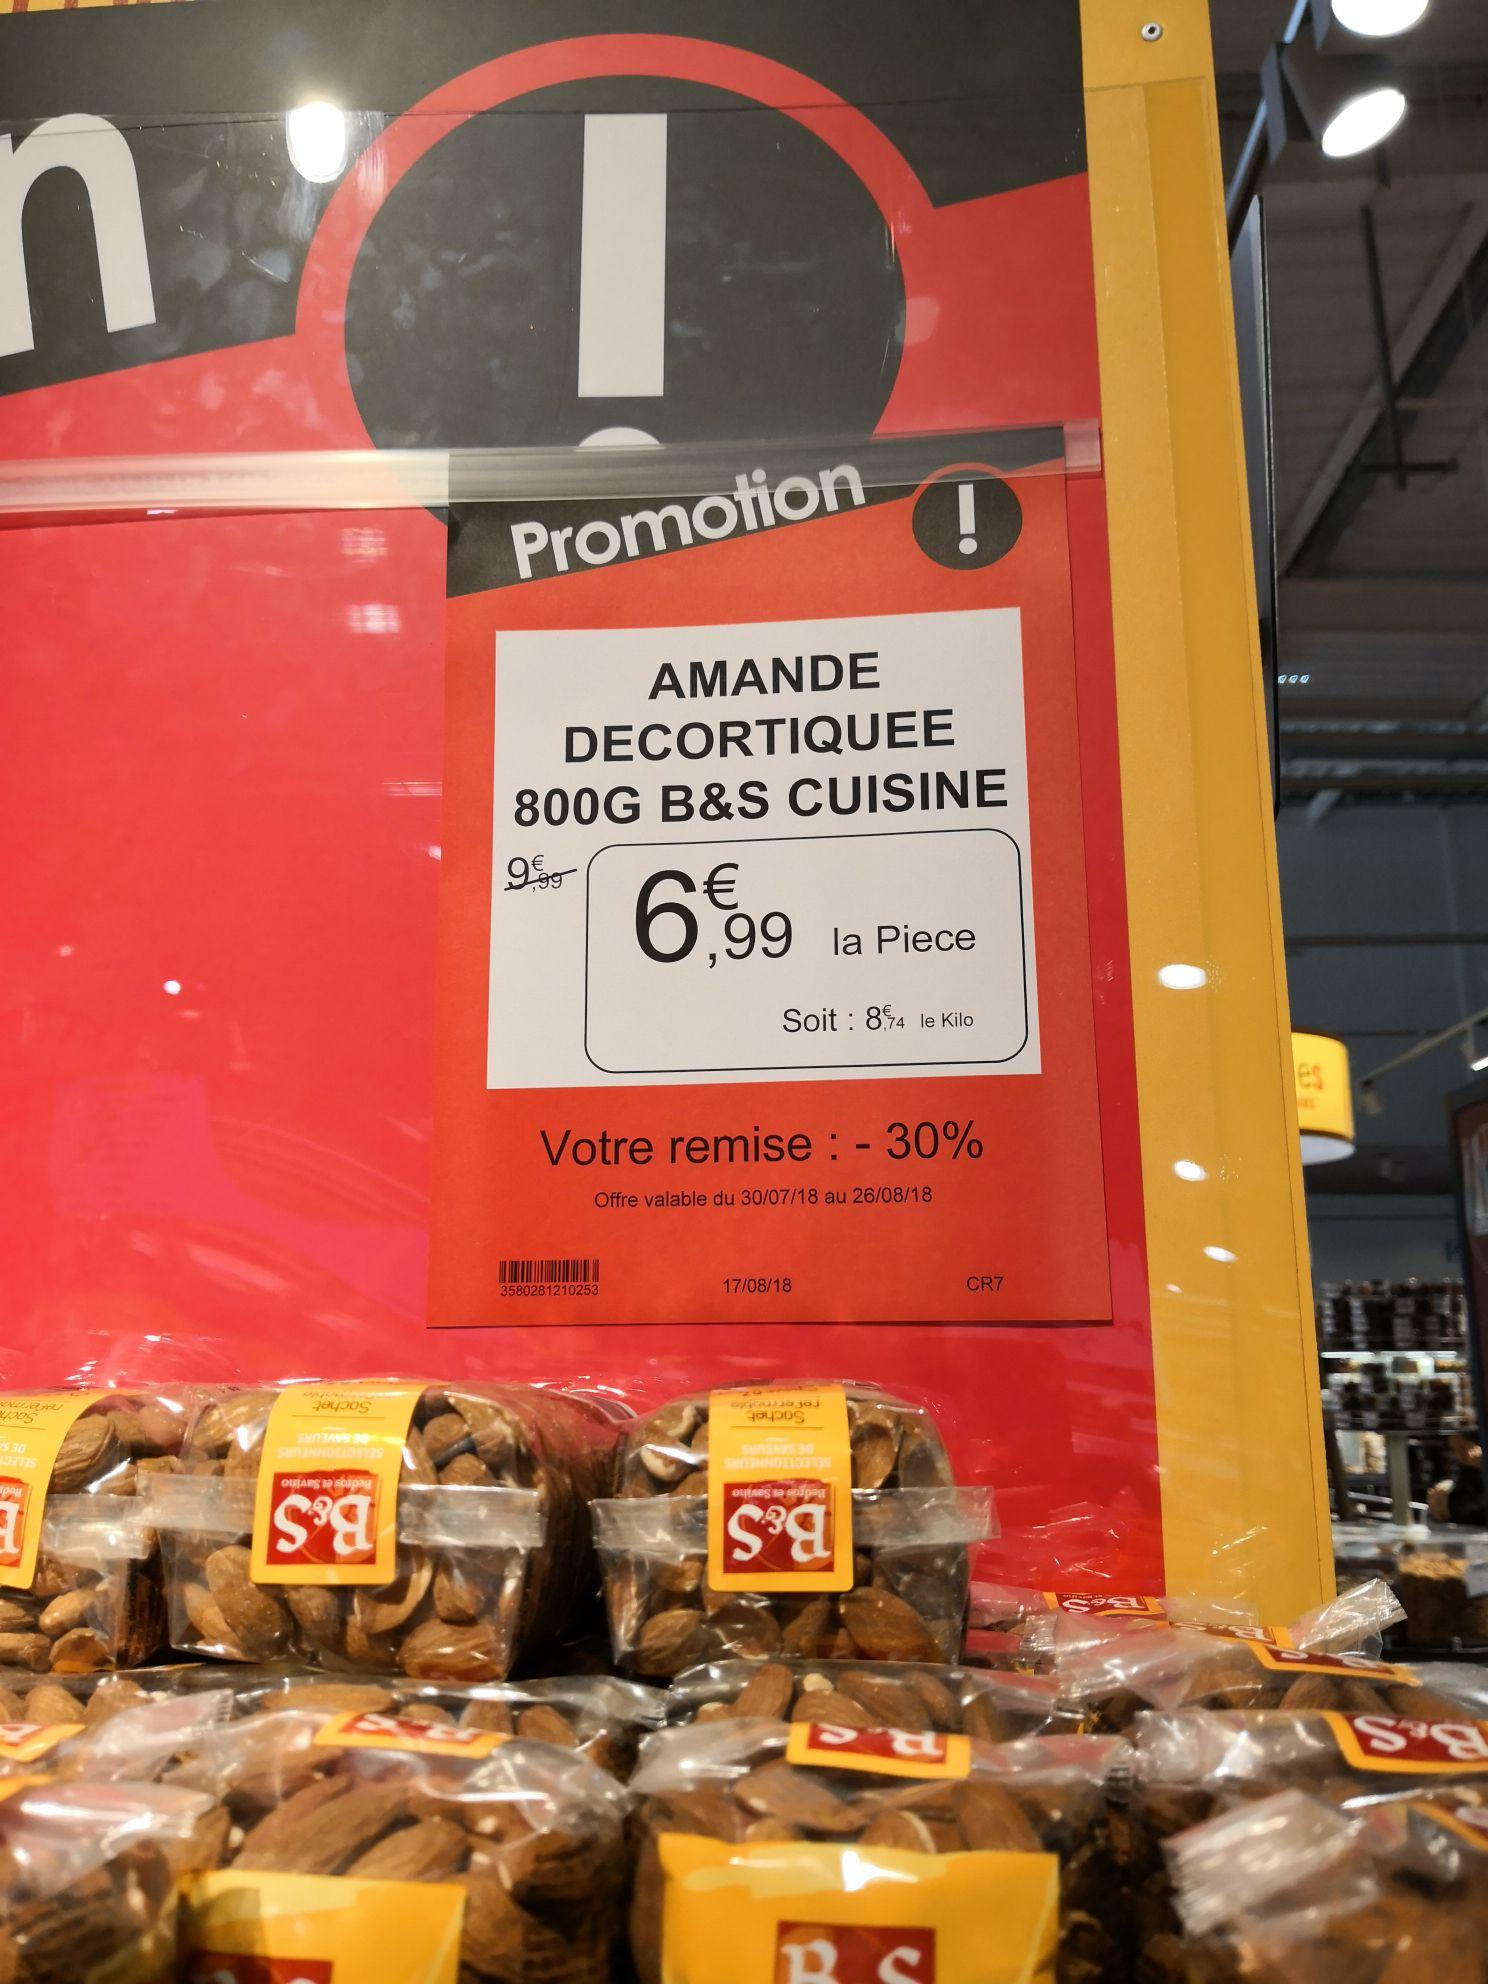 Paquet d'amandes décortiqués (800g) - Croissy-Beaubourg (77)